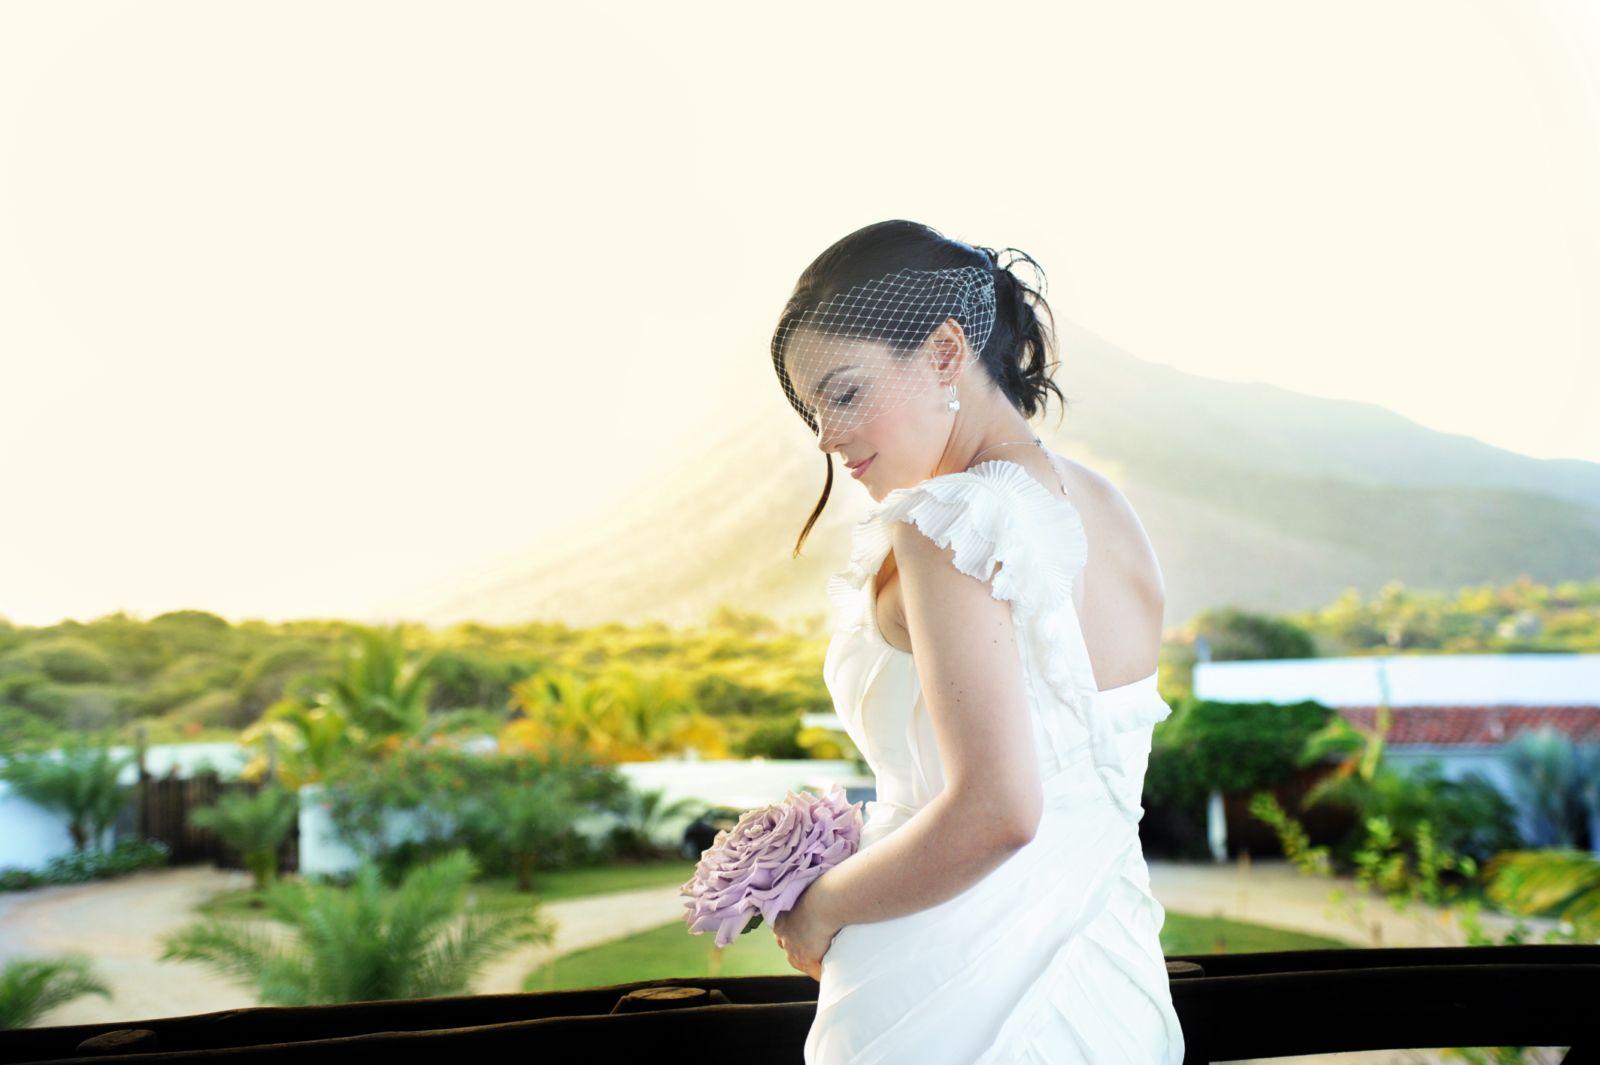 fotografos bodas malaga precios medio dia